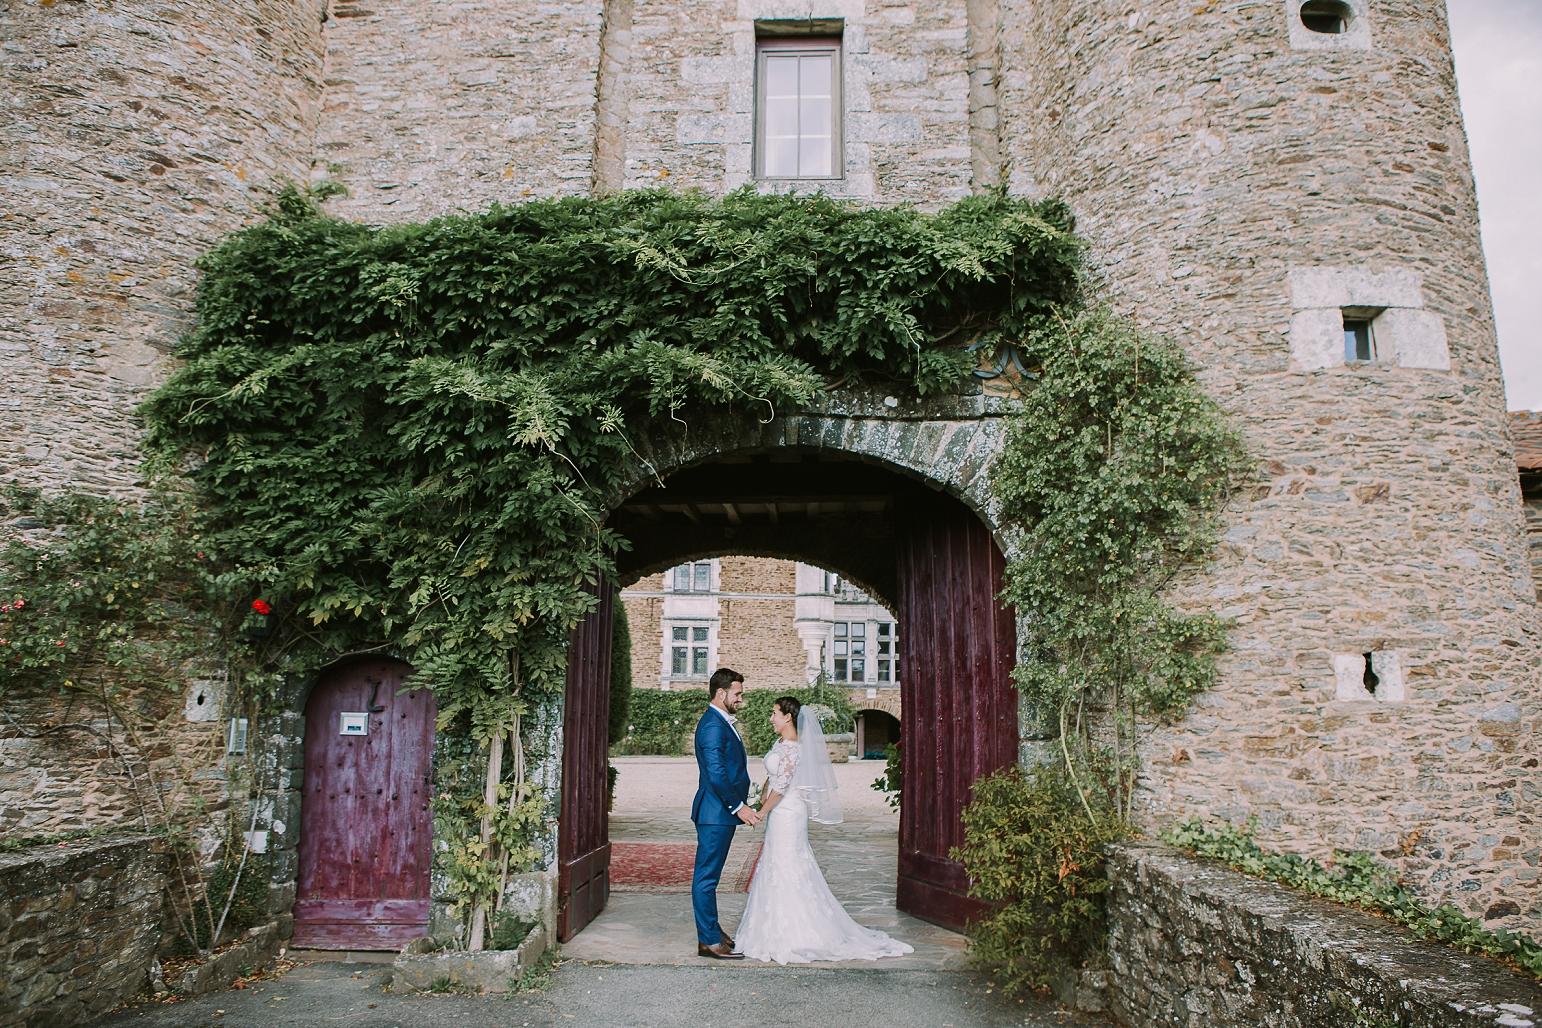 kateryna-photos-mariage-wedding-france-bretagne-pays-de-la-loire-chateau-de-la-colaissiere-st-sauveur-de-landemont_0054.jpg